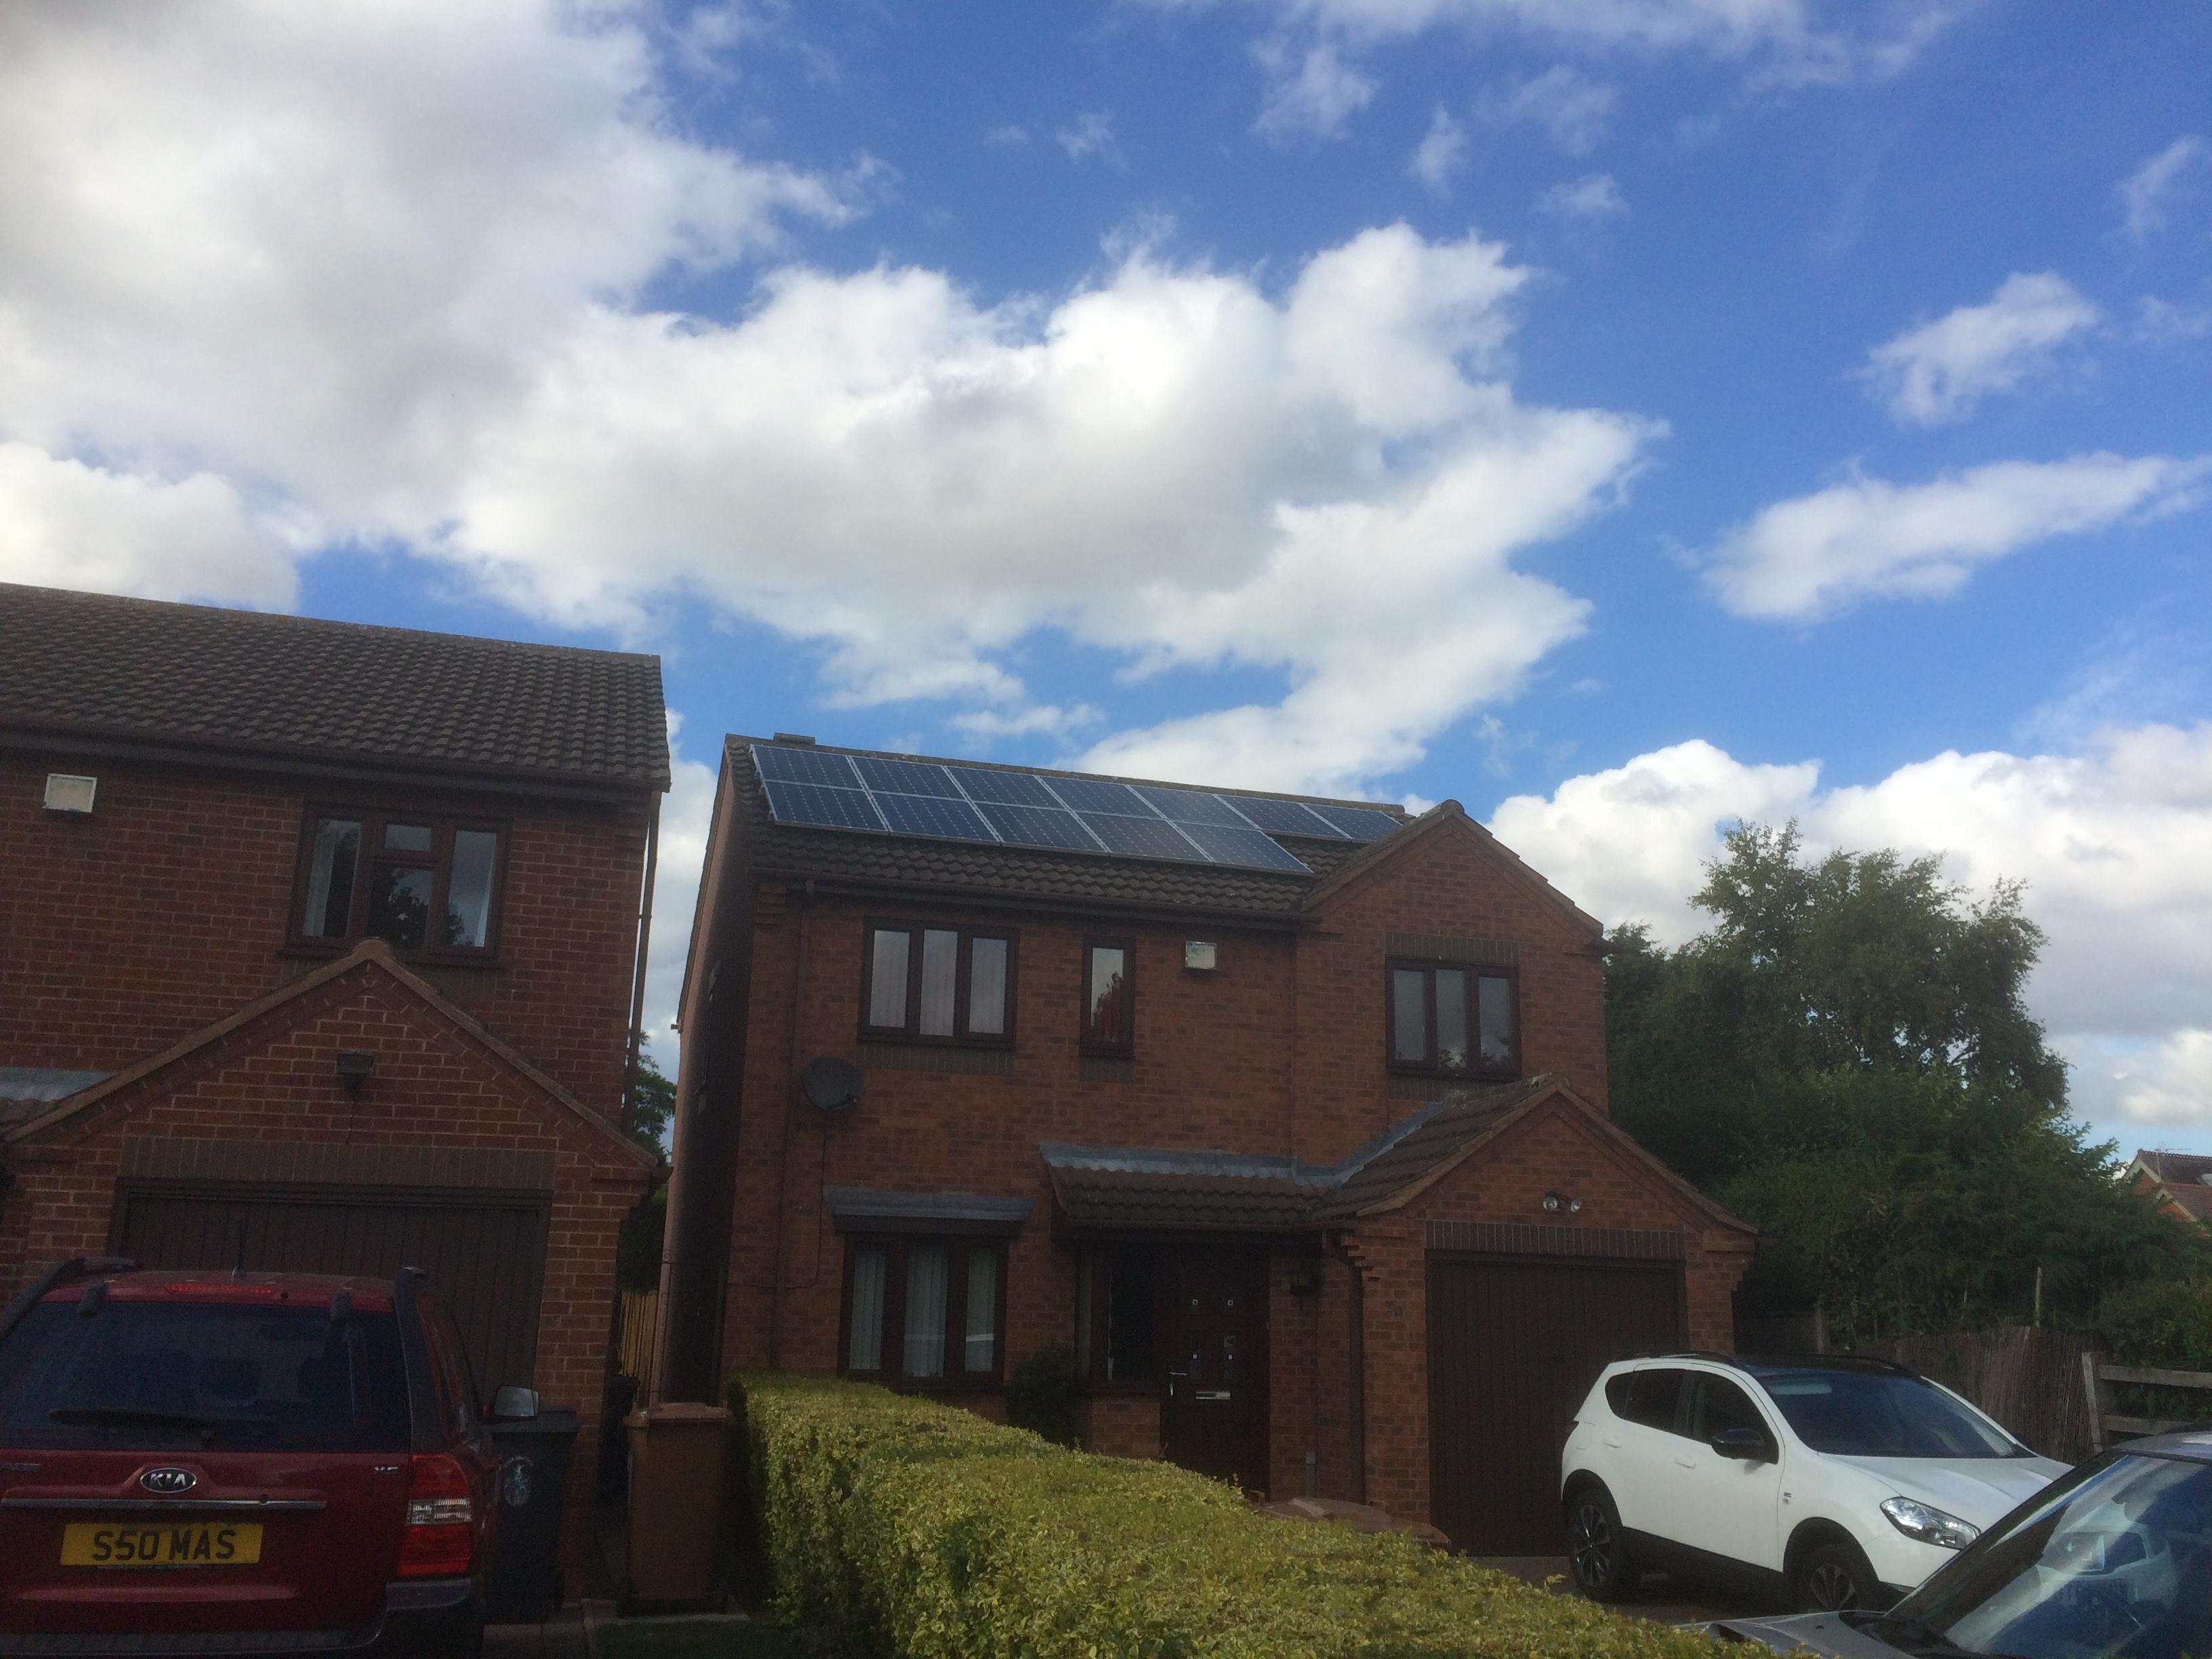 Pigeons under your Solar panels